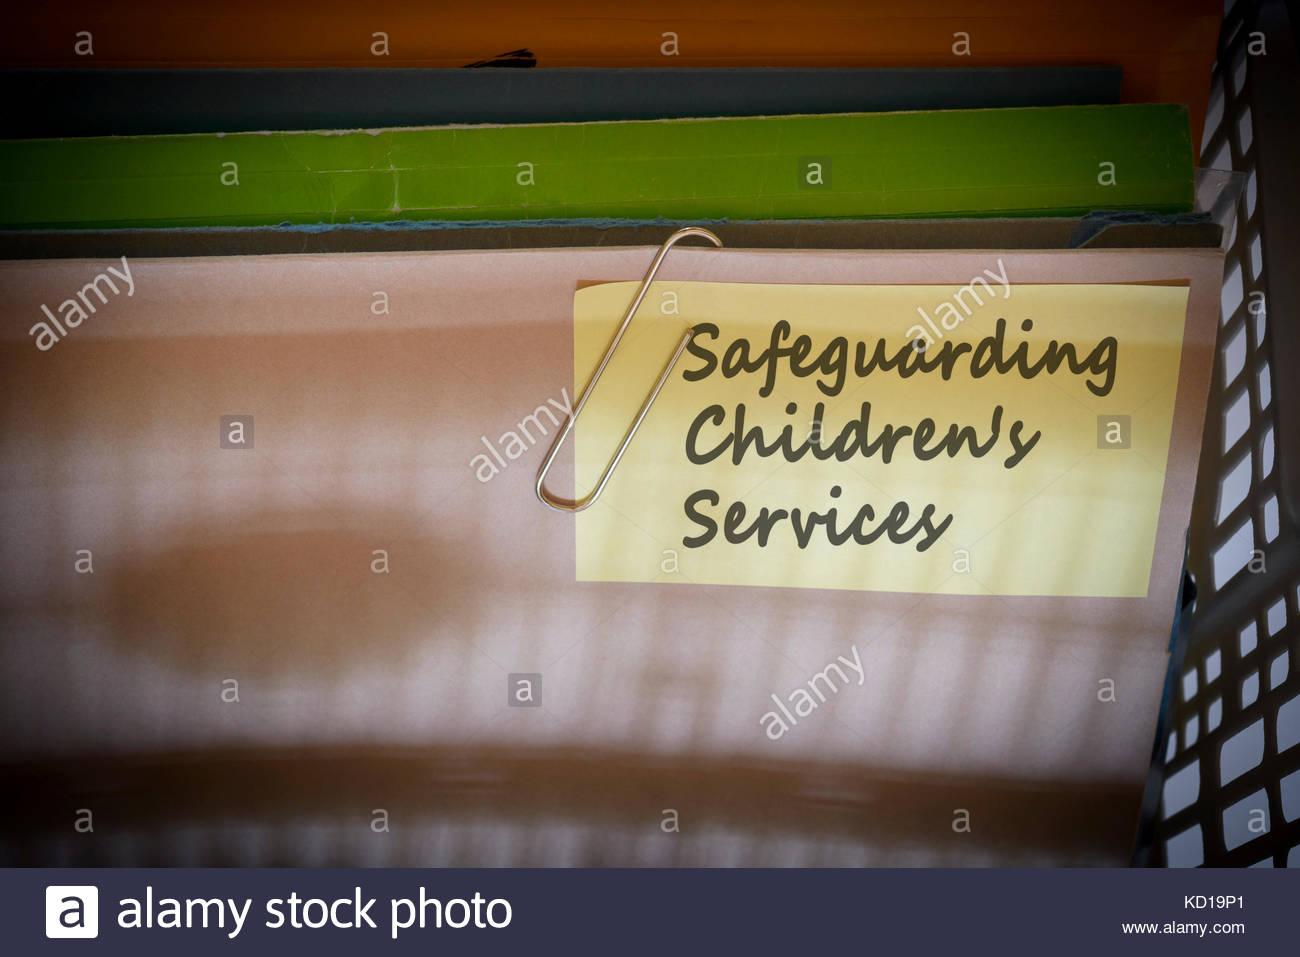 Safeguarding Children's Services written on document folder, Dorset, England. - Stock Image